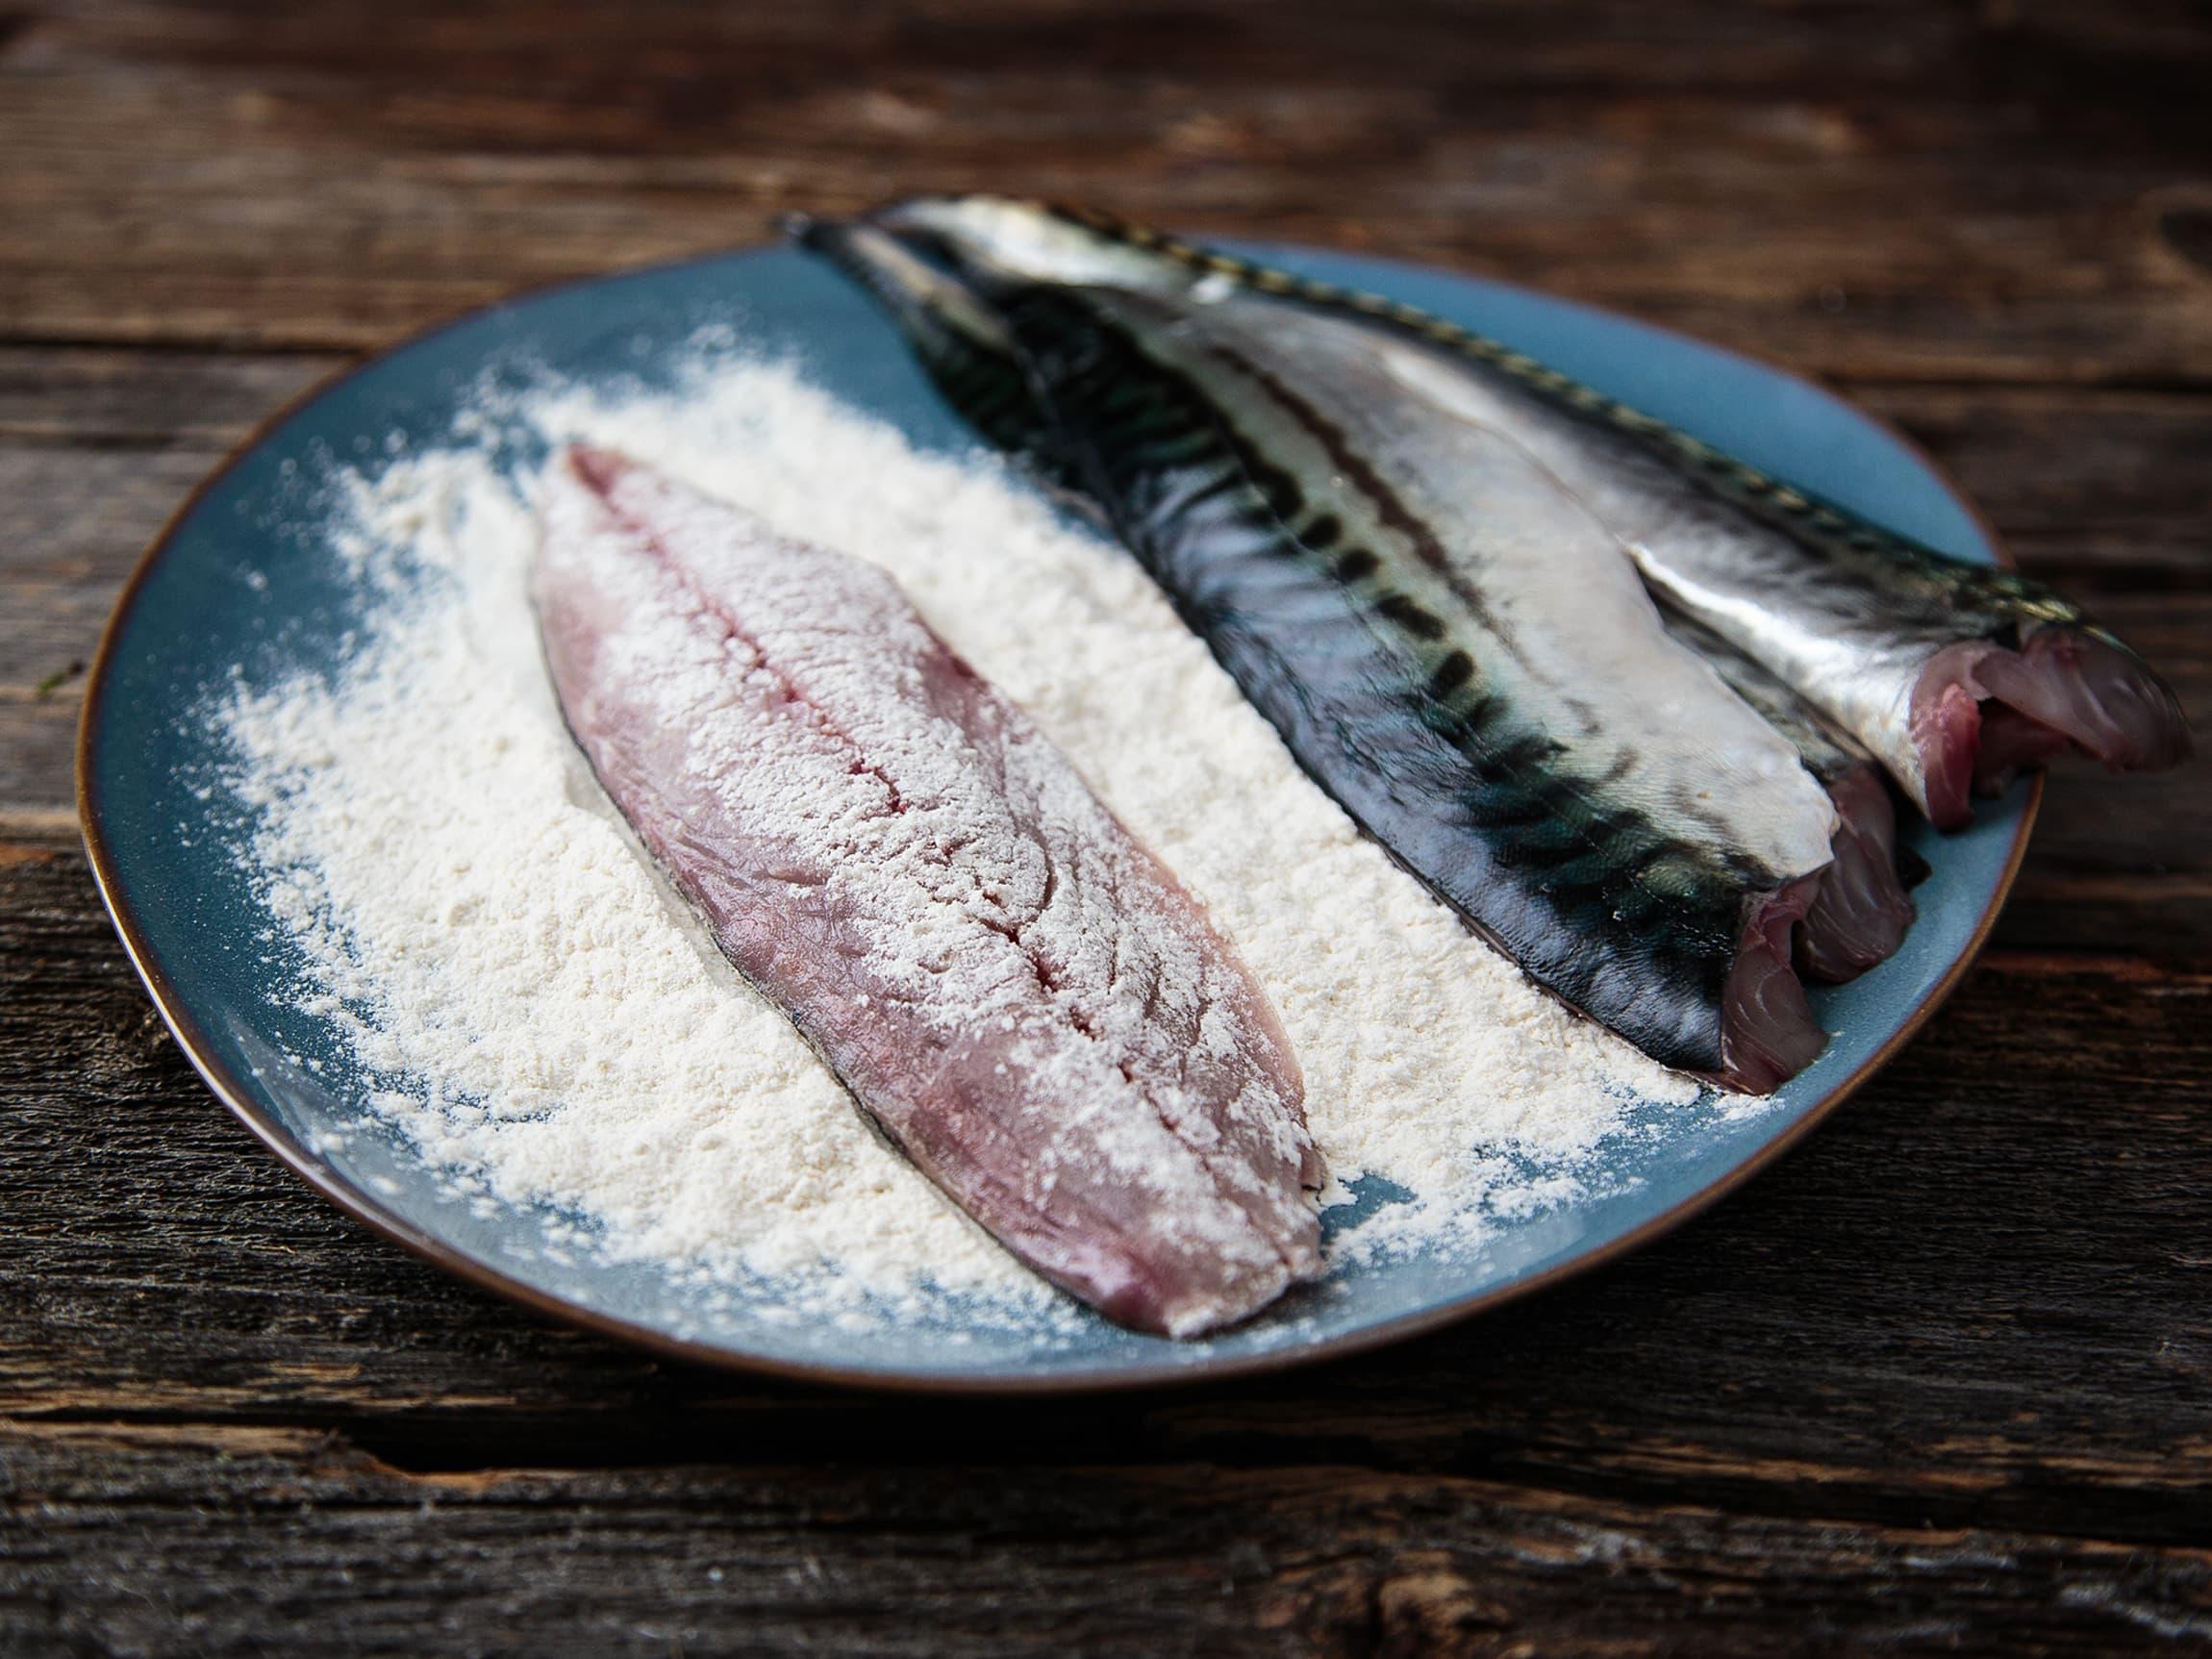 Om du vender makrellfileten i mel får fisken en sprøere stekeskorpe, samtidig blir det mindre sjanse for at selve fisken henger fast i stekepanna.